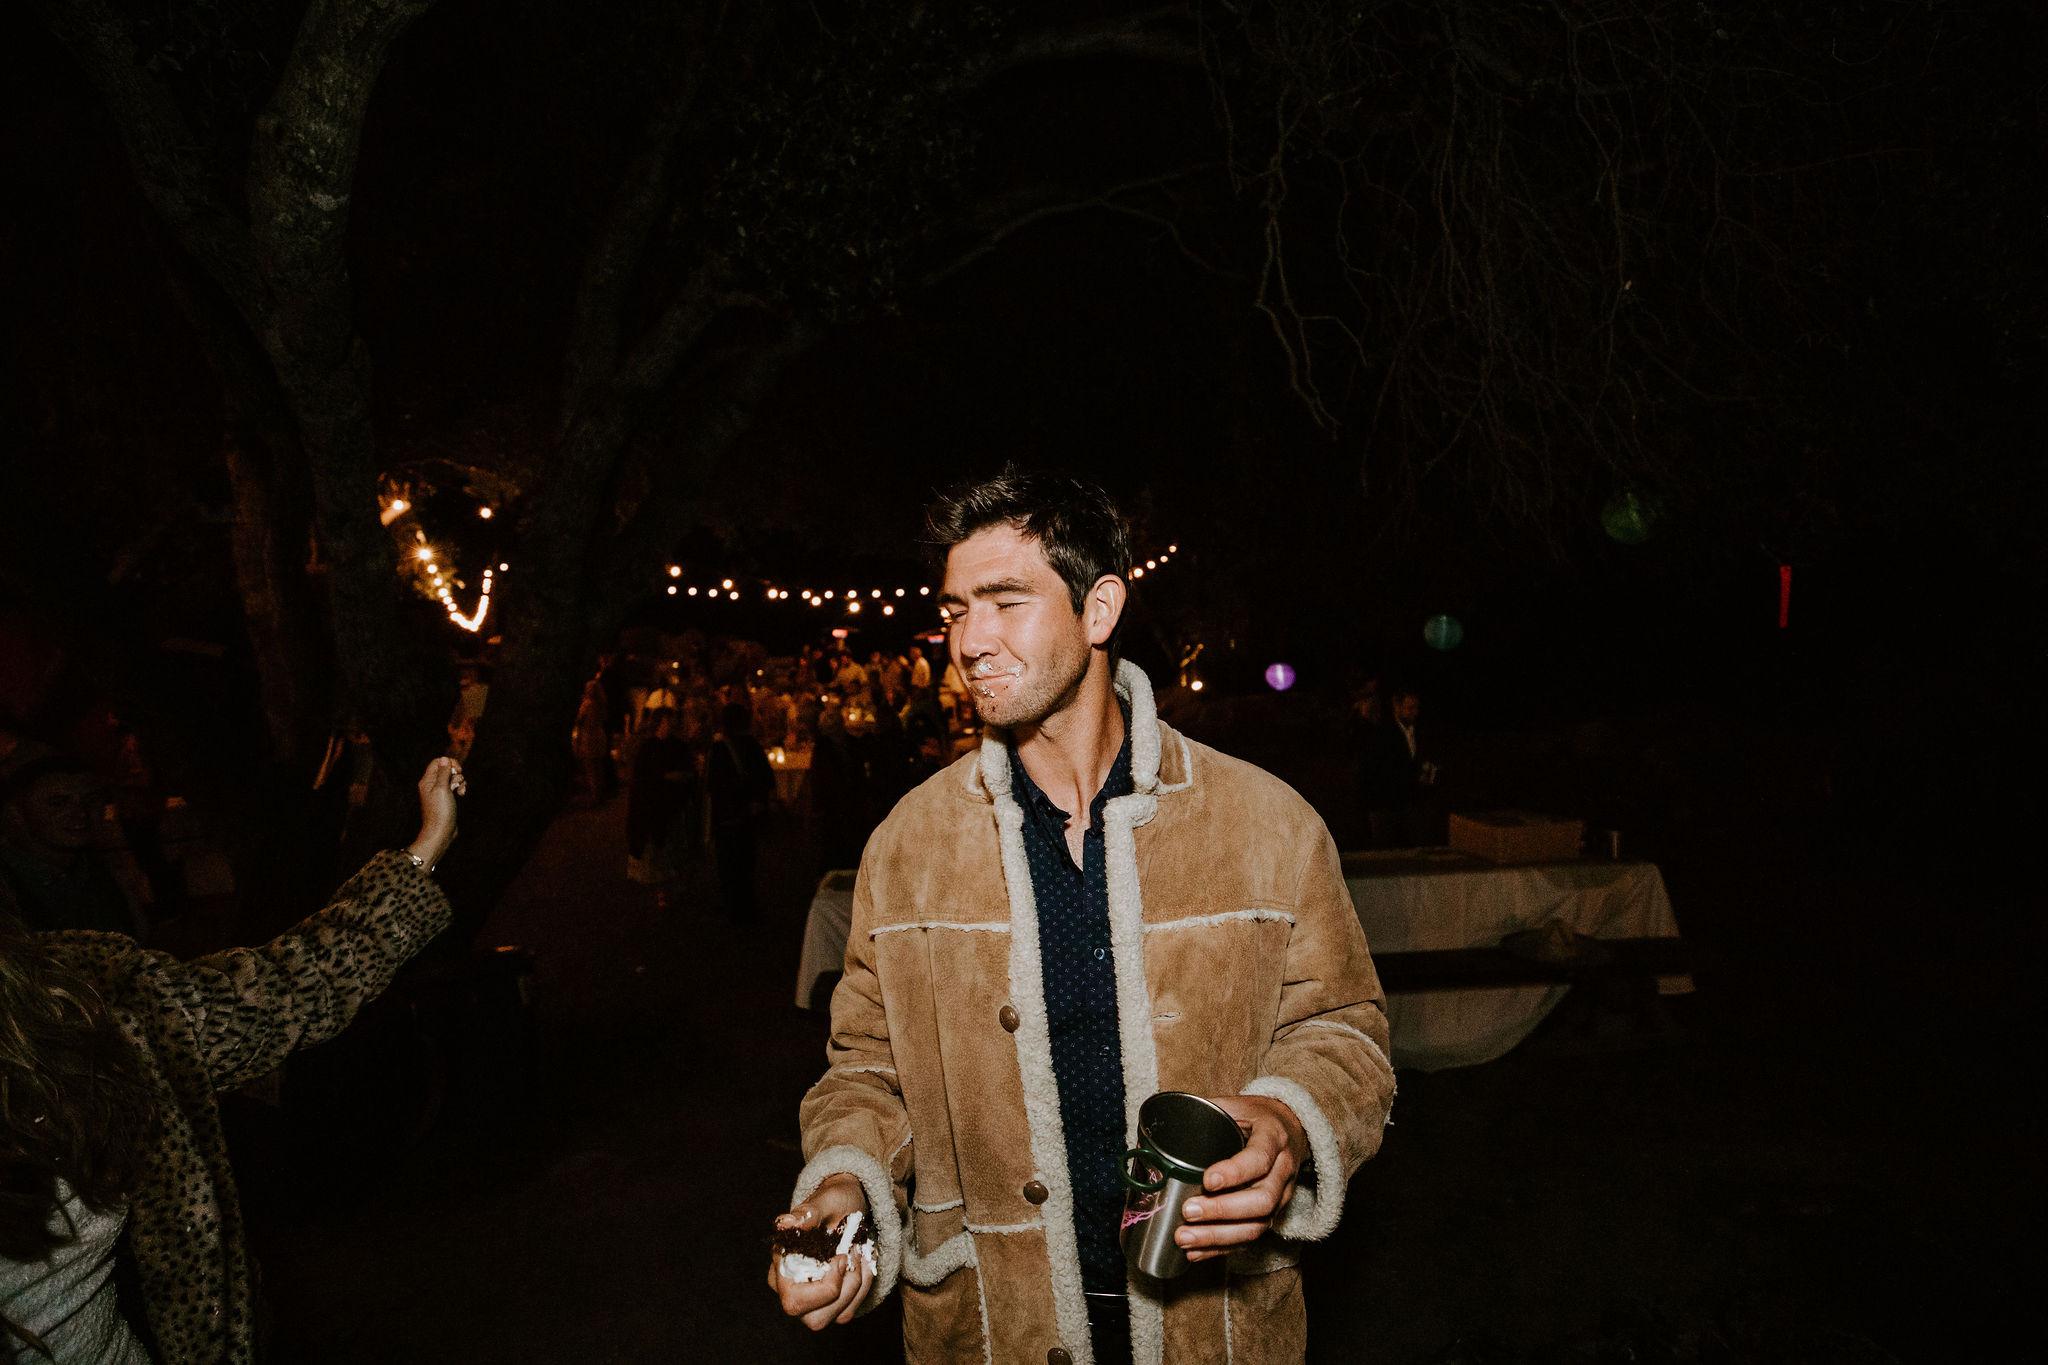 RedwoodRanch_Geoff&LyndsiPhotography_Mike&Amanda_Reception68.jpg